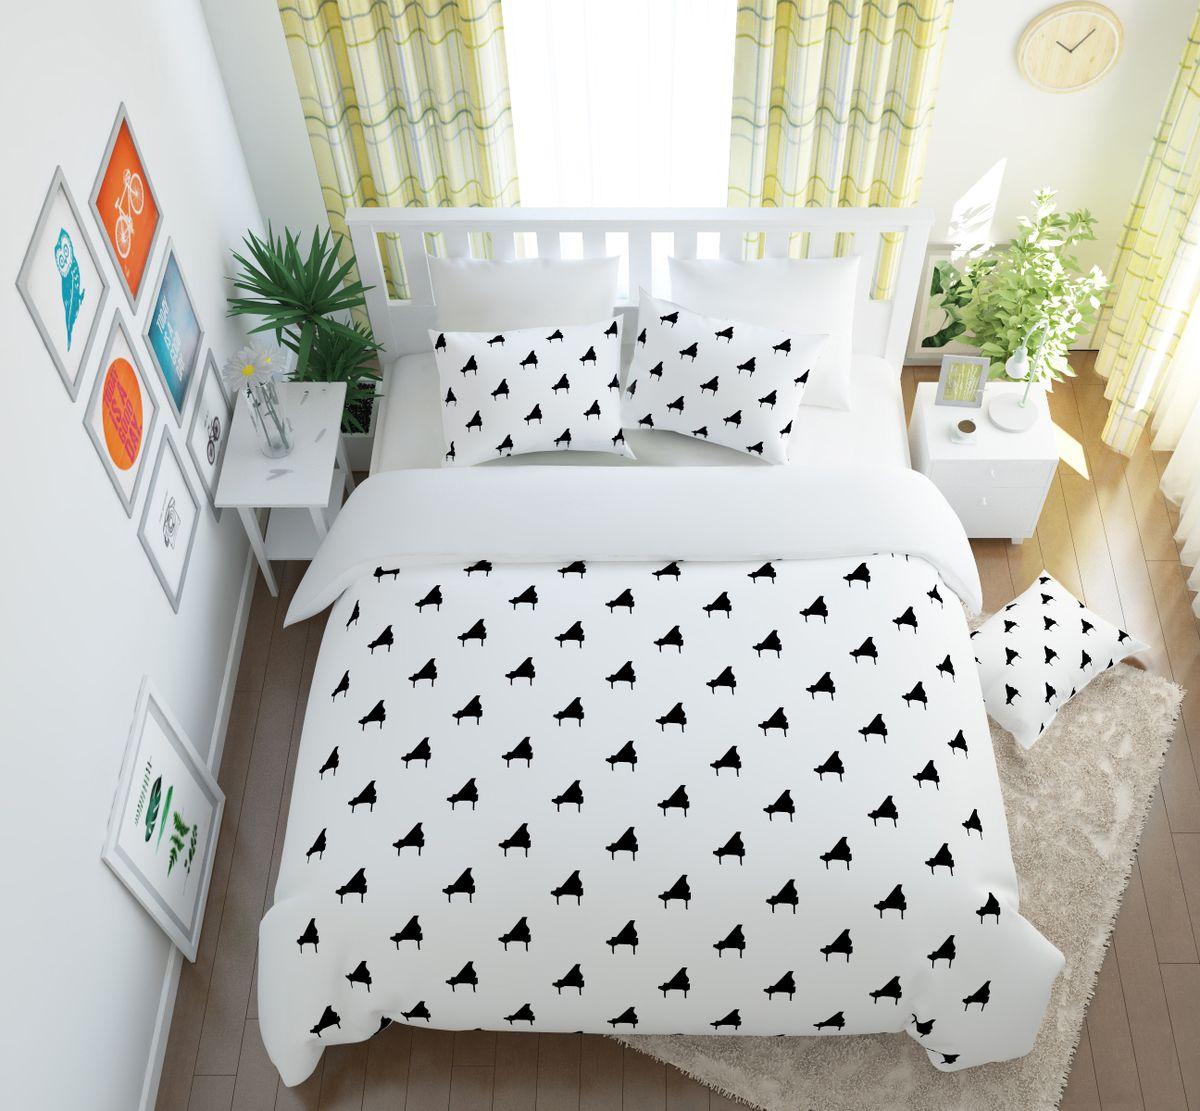 Комплект белья Сирень Рояль, 1,5-спальный, наволочки 50x70S03301004Комплект постельного белья Сирень состоит из простыни, пододеяльника и 2 наволочек. Комплект выполнен из современных гипоаллергенных материалов. Приятный при прикосновении сатин - гарантия здорового, спокойного сна. Ткань хорошо впитывает влагу, надолго сохраняет яркость красок. Четкий, изящный рисунок в сочетании с насыщенными красками делает комплект постельного белья неповторимой изюминкой любого интерьера. Постельное белье идеально подойдет для подарка.